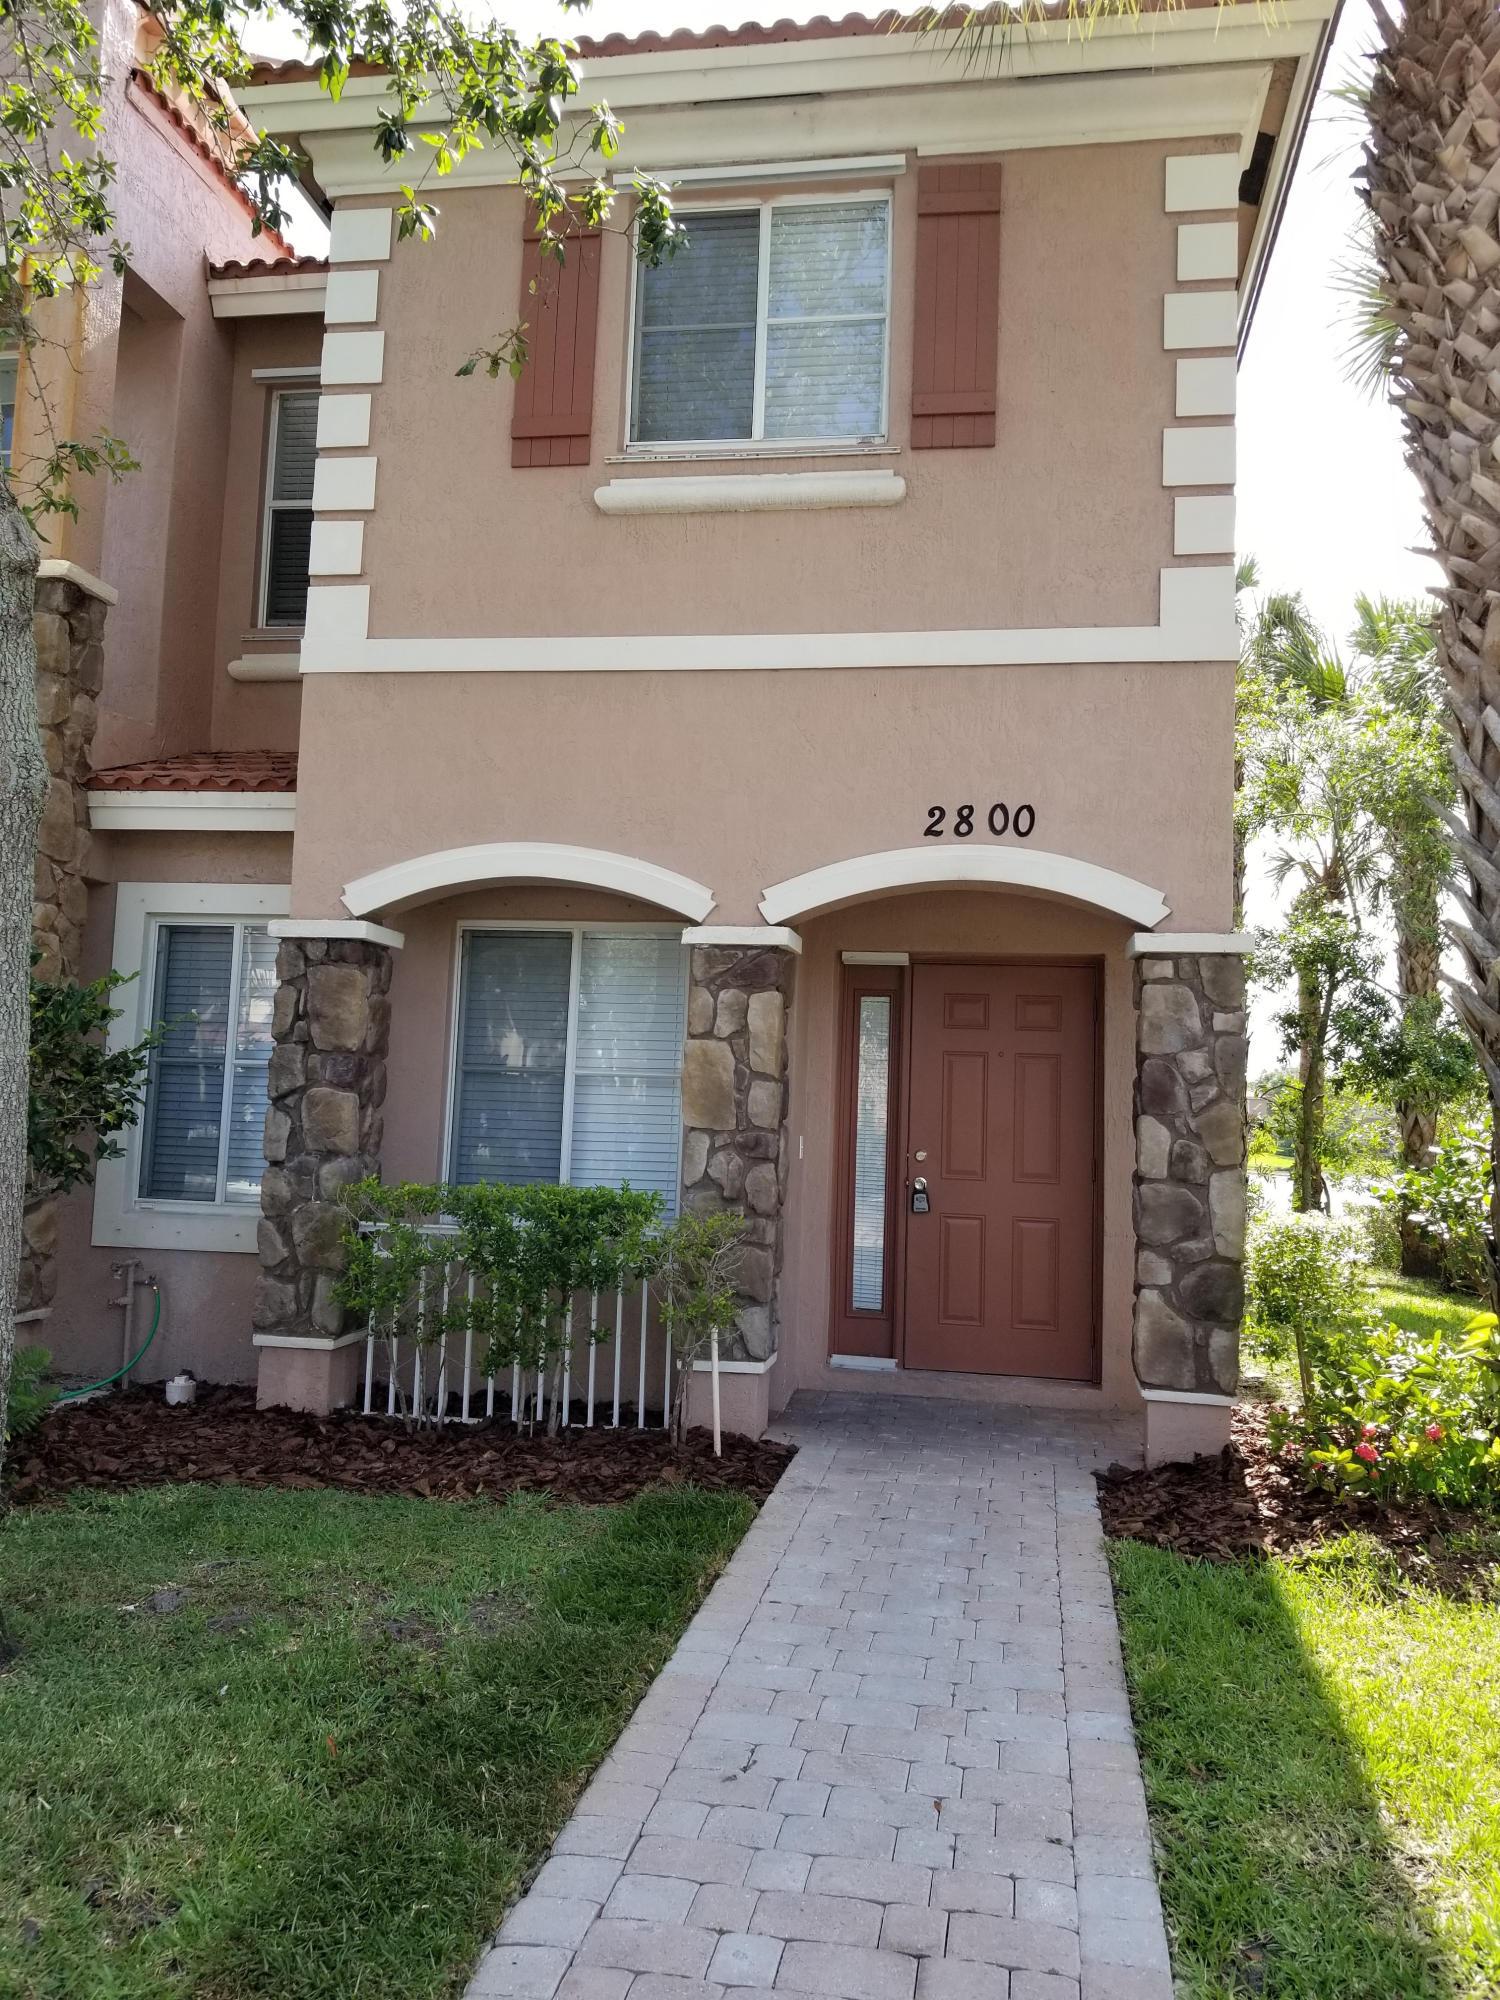 2800 Sw 82nd Avenue, Miramar, FL 33025